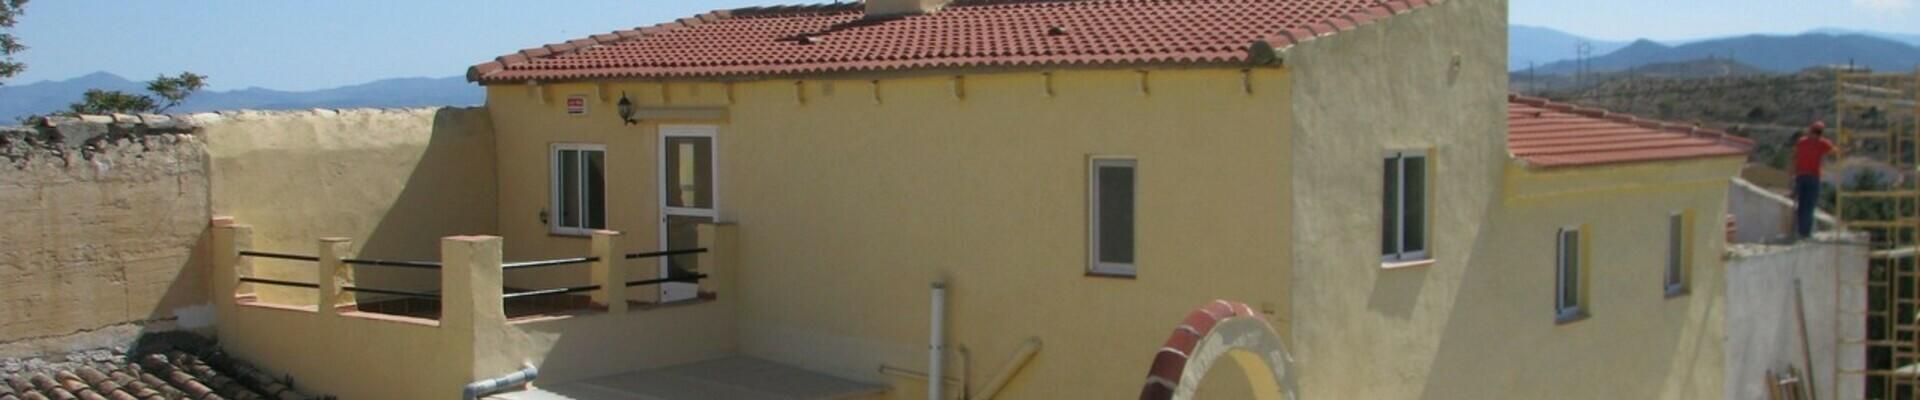 AF753: 5 Bedroom Cortijo for Sale